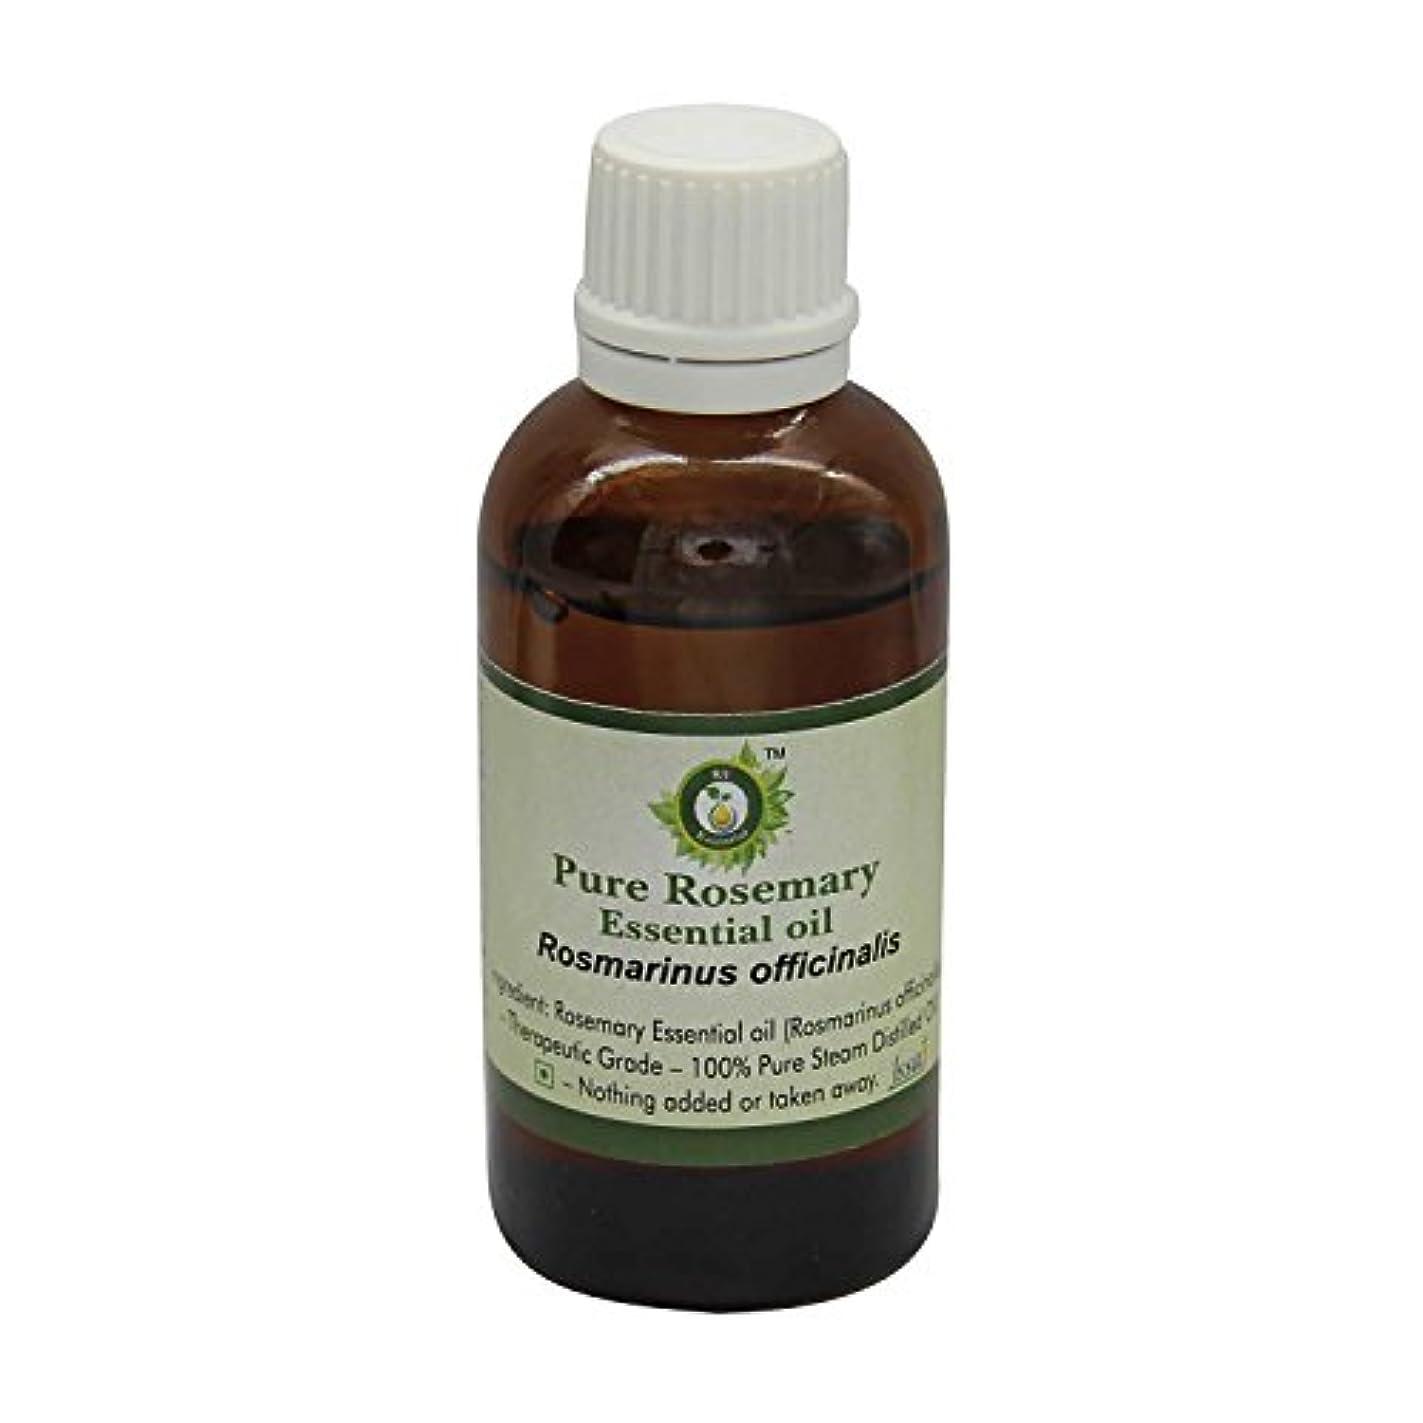 とまり木受信唇R V Essential ピュアローズマリーエッセンシャルオイル30ml (1.01oz)- Rosmarinus Officinalis (100%純粋&天然スチームDistilled) Pure Rosemary...